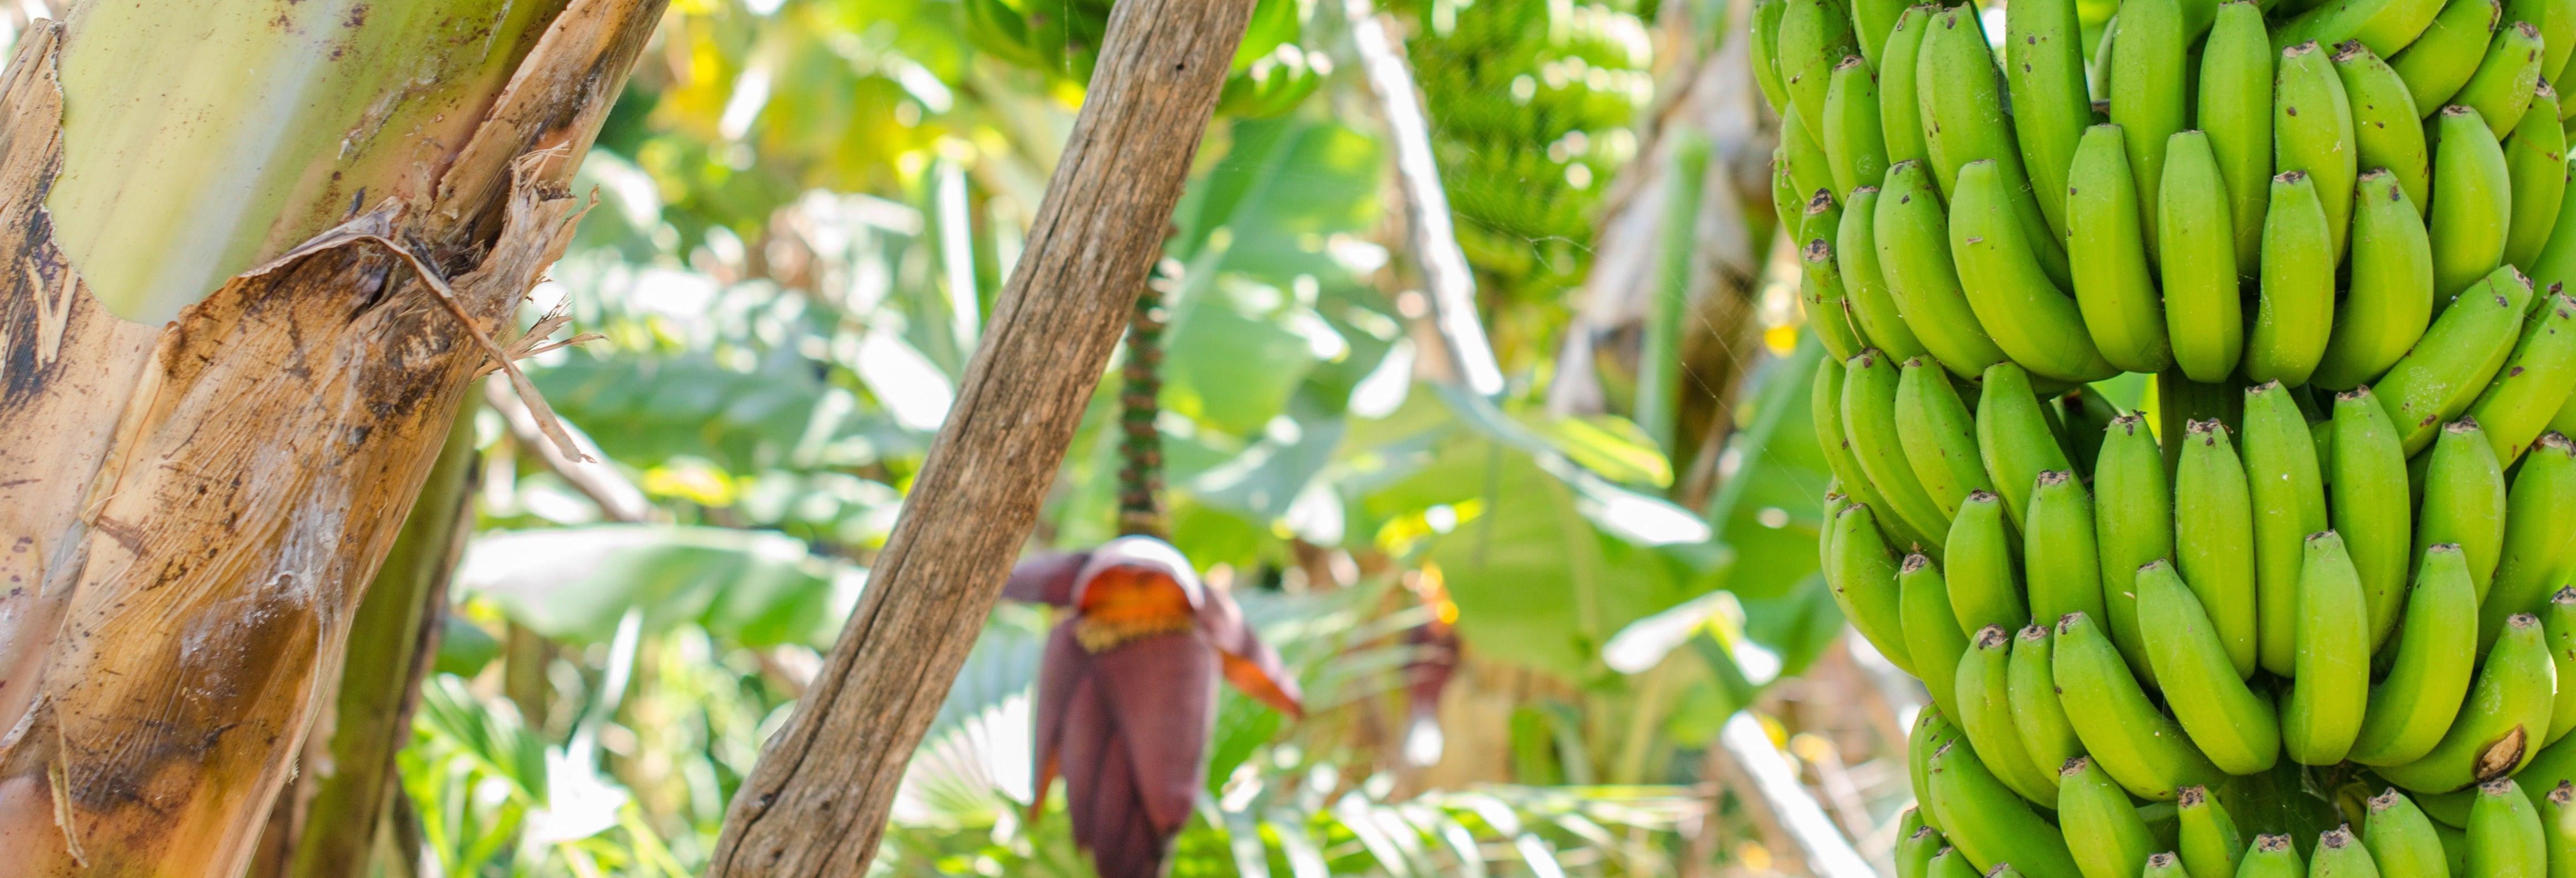 Visita a una finca de plátanos de La Orotava